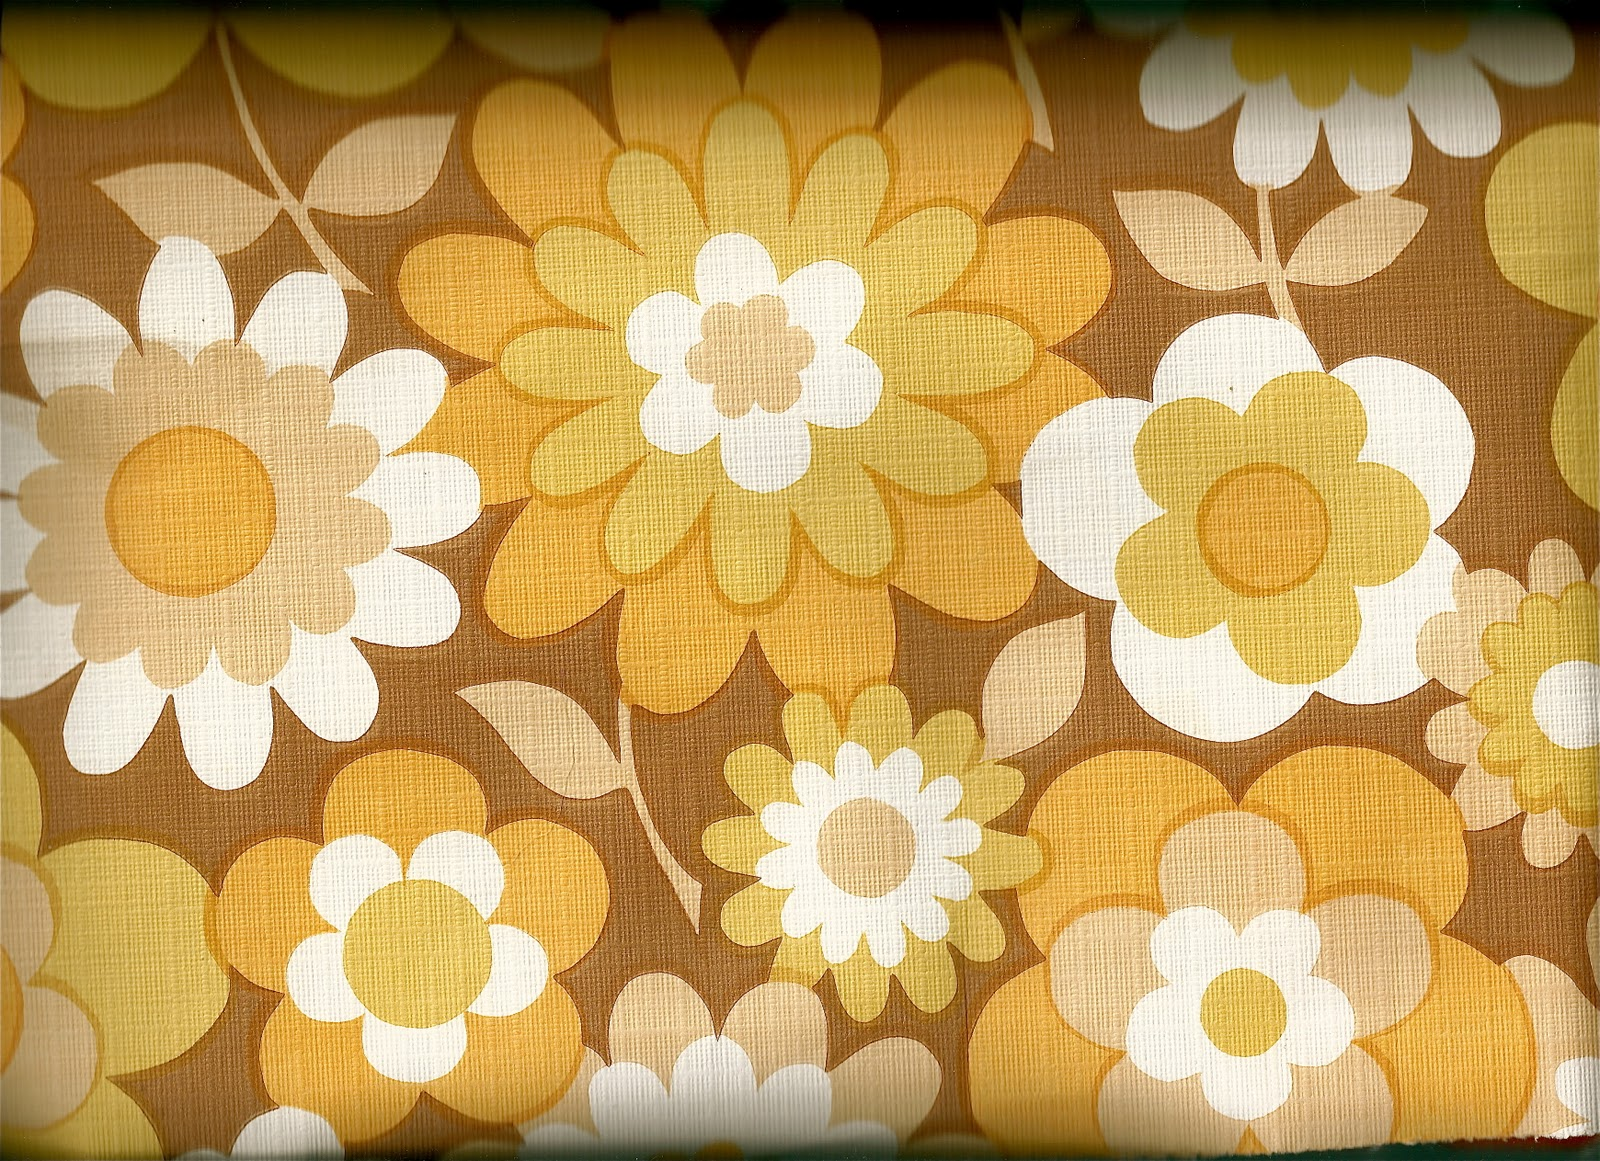 70s Wallpaper Wallpapersafari